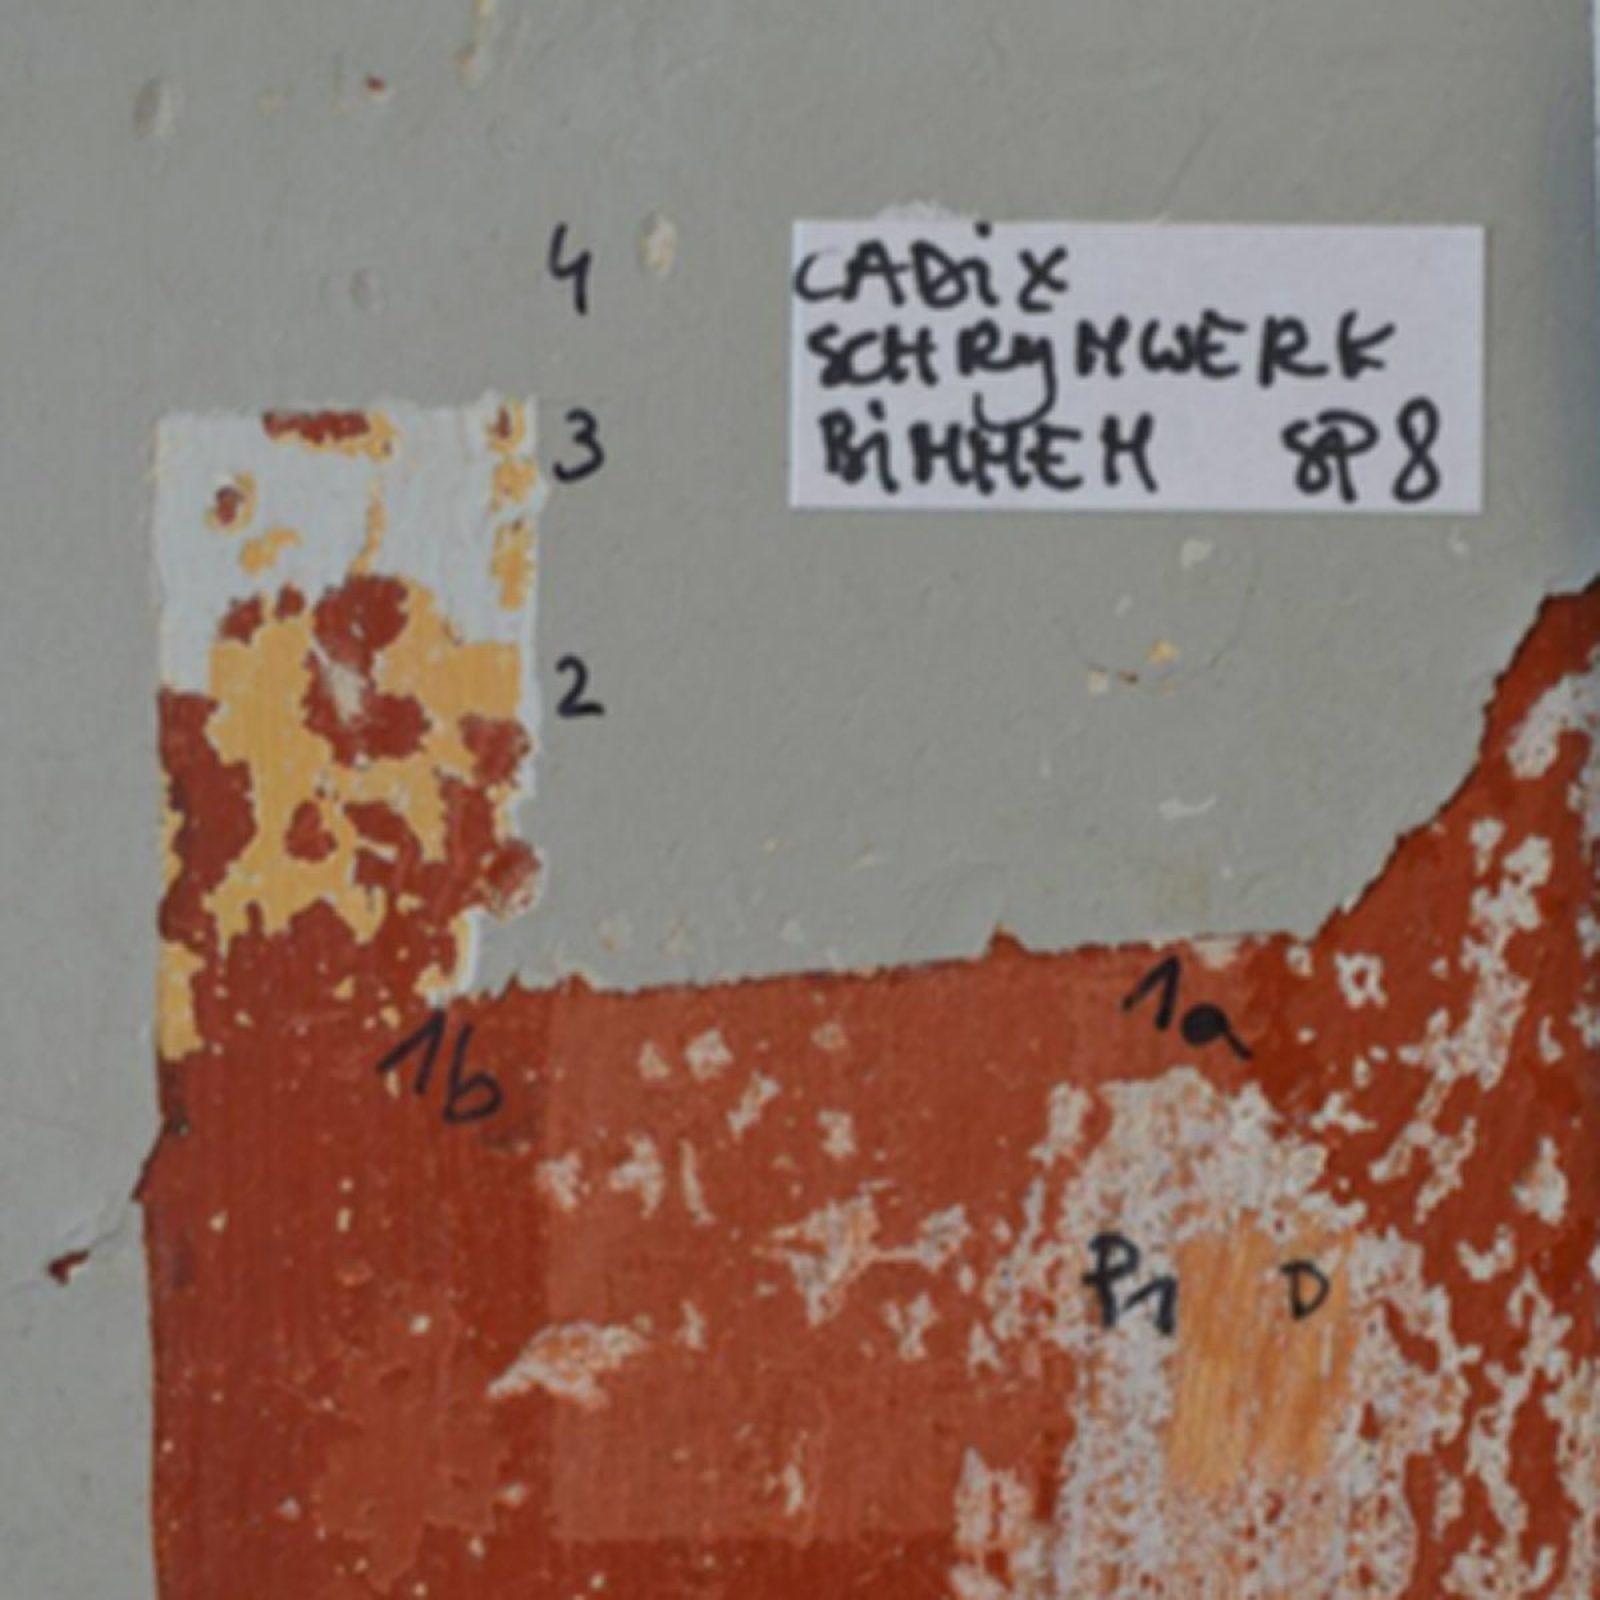 Cadix Va Wall